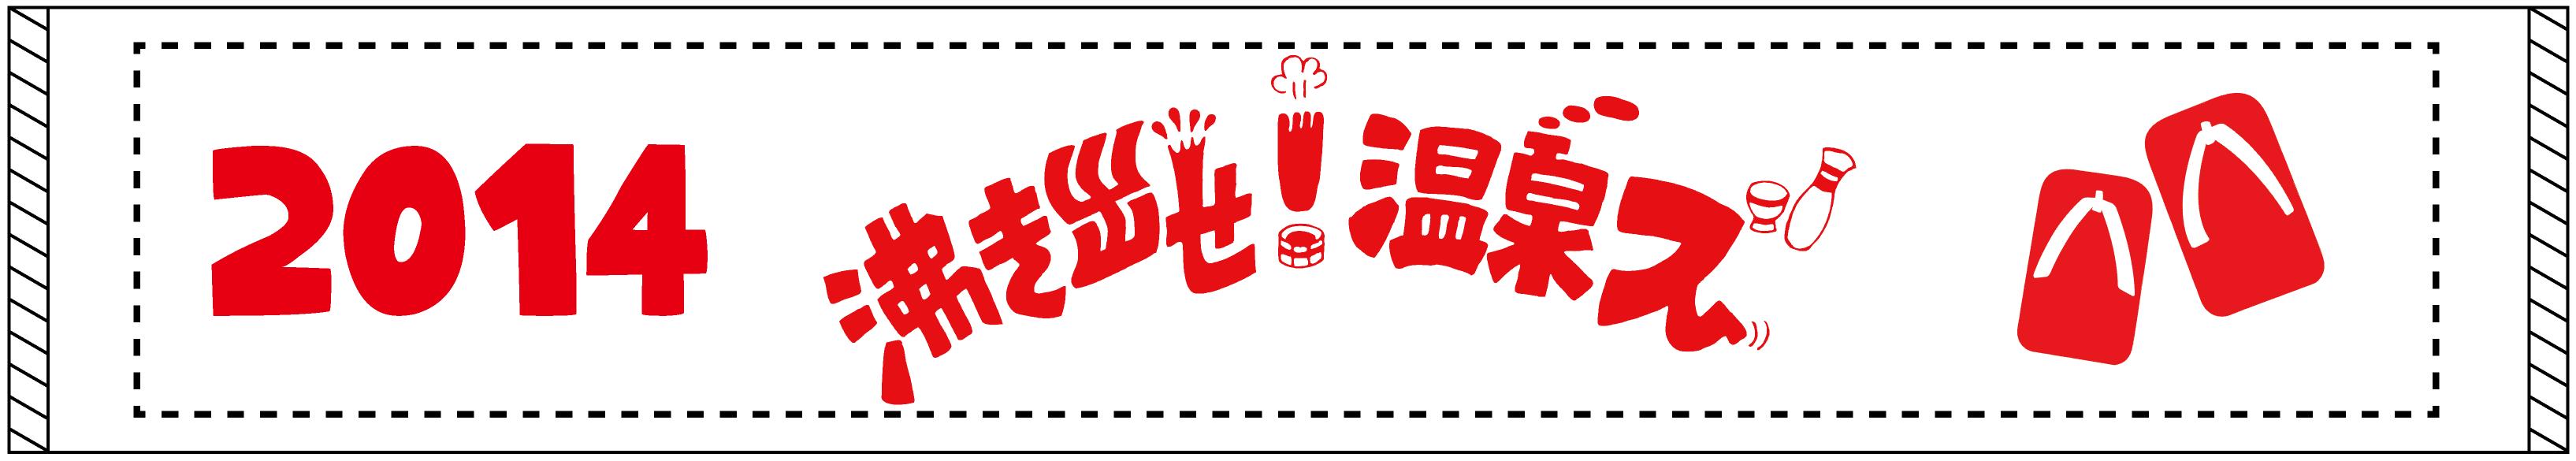 2014.06.19 タオルデザイン初回案クリッピング